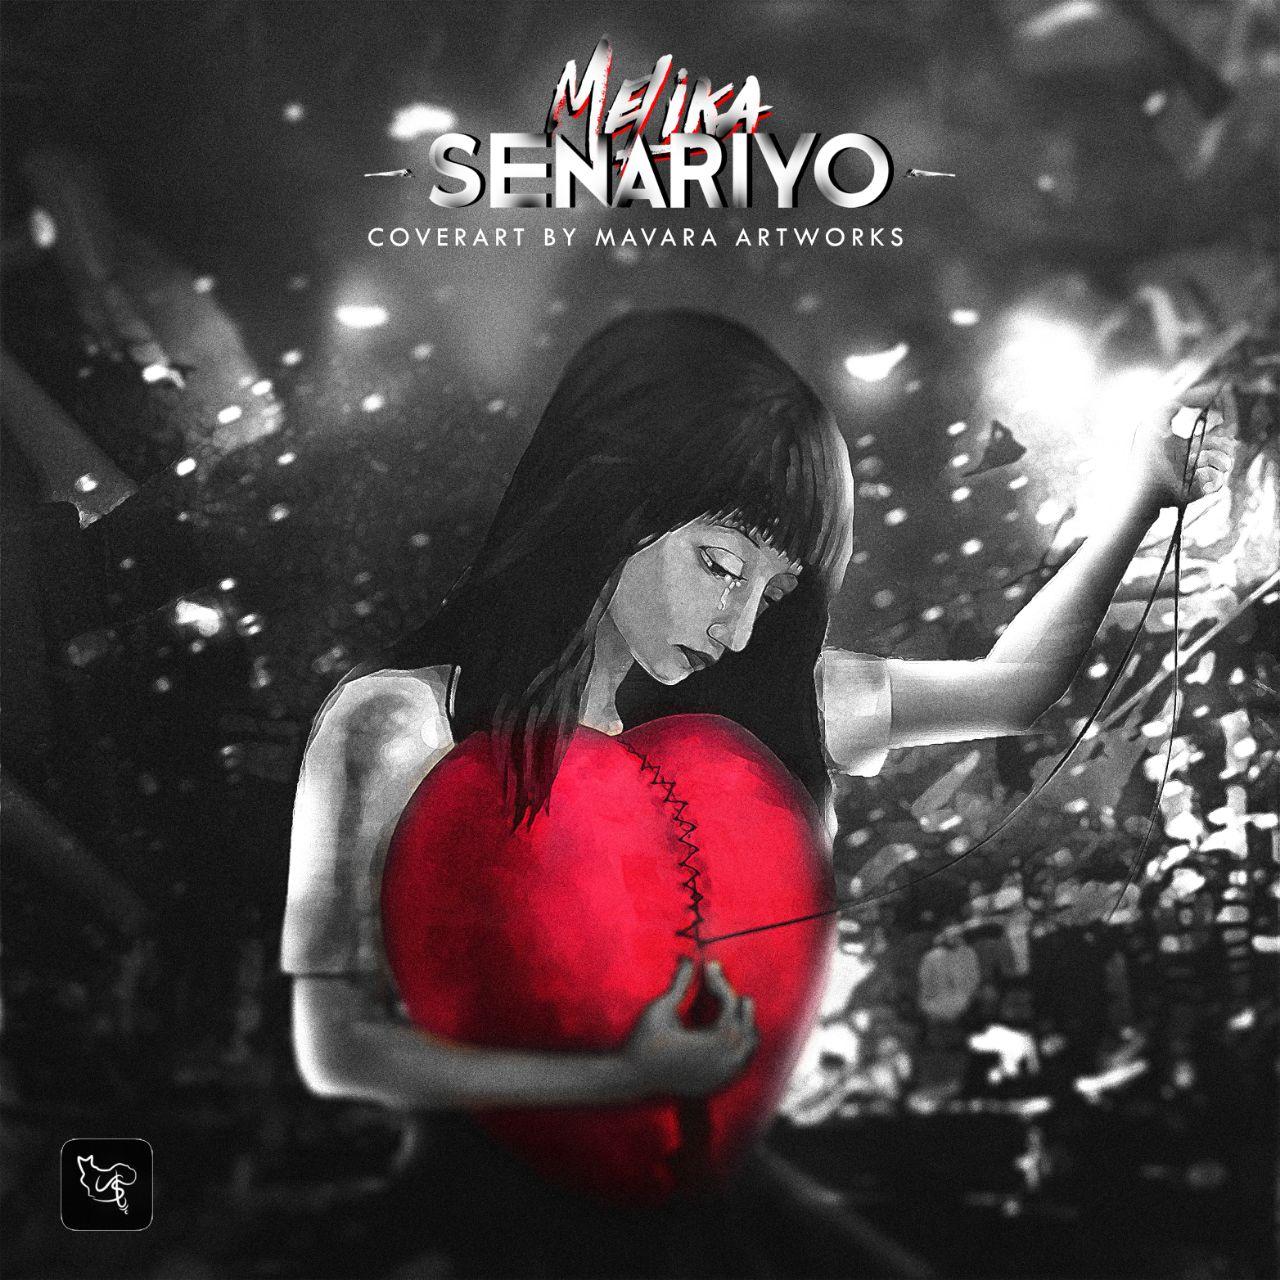 آهنگ جدید سناریو از ملیکا